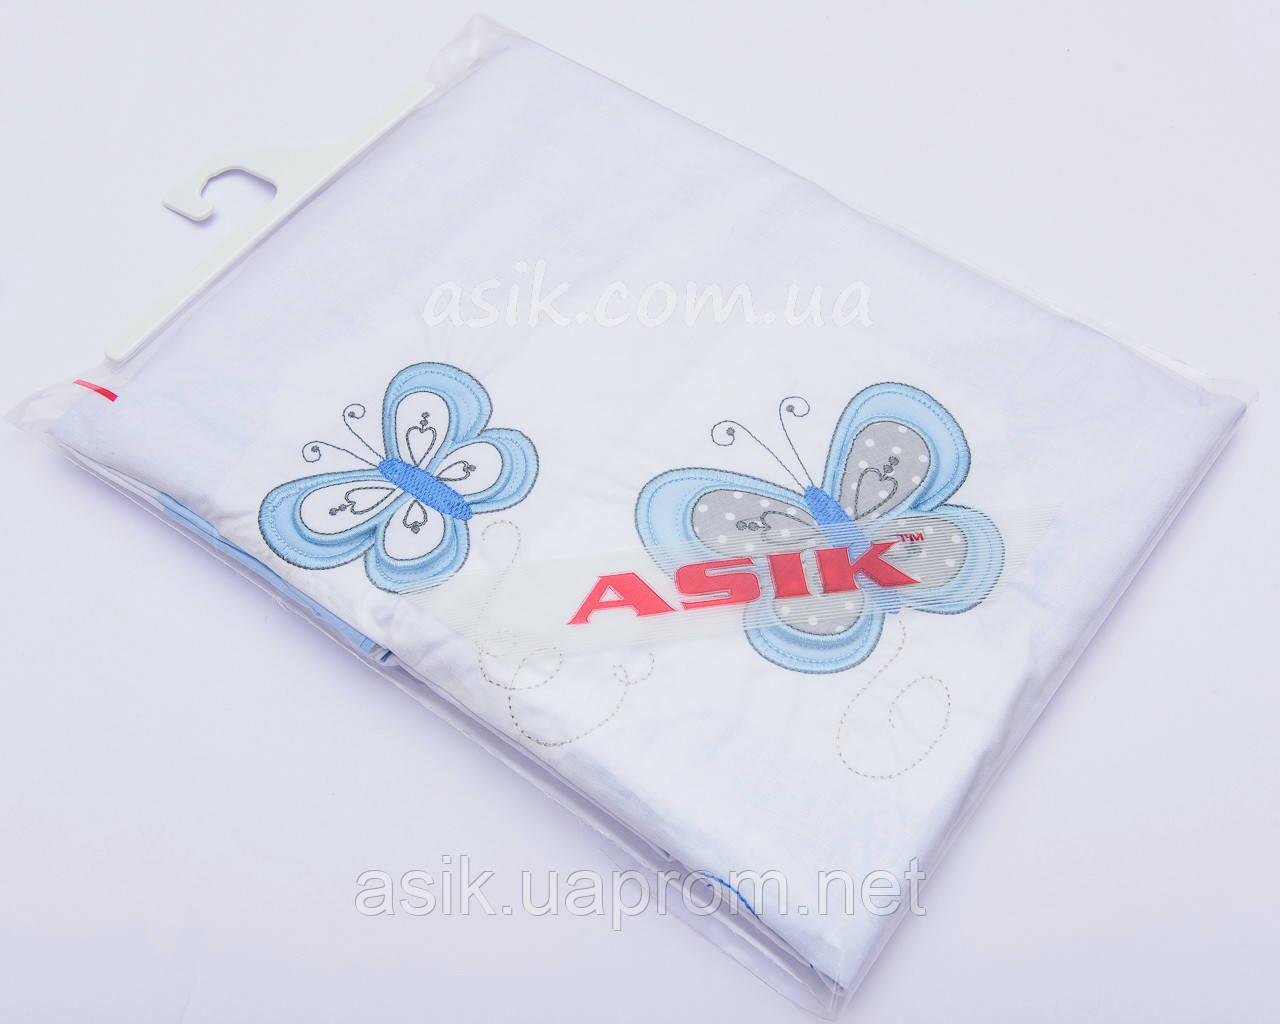 Шикарная детская сменная постель голубого цвета с вышивкой (летающие бабочки).